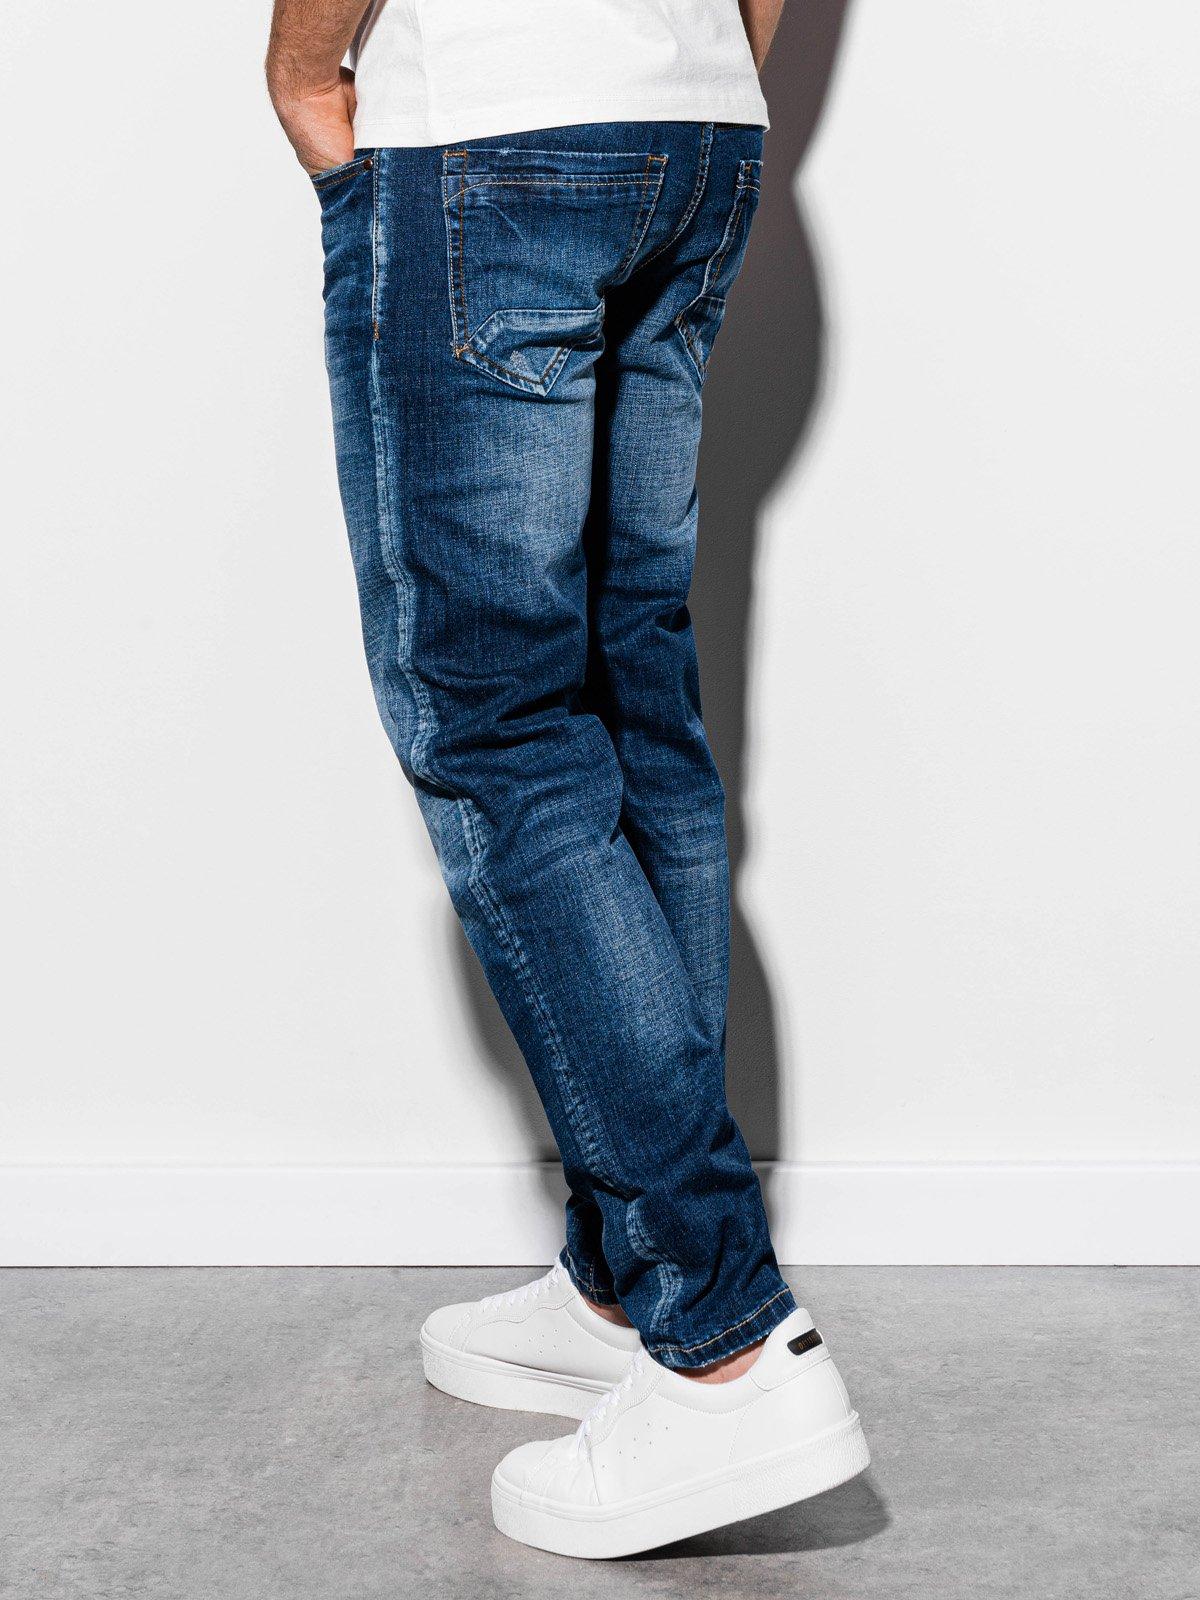 Spodnie męskie jeansowe P855 - niebieskie